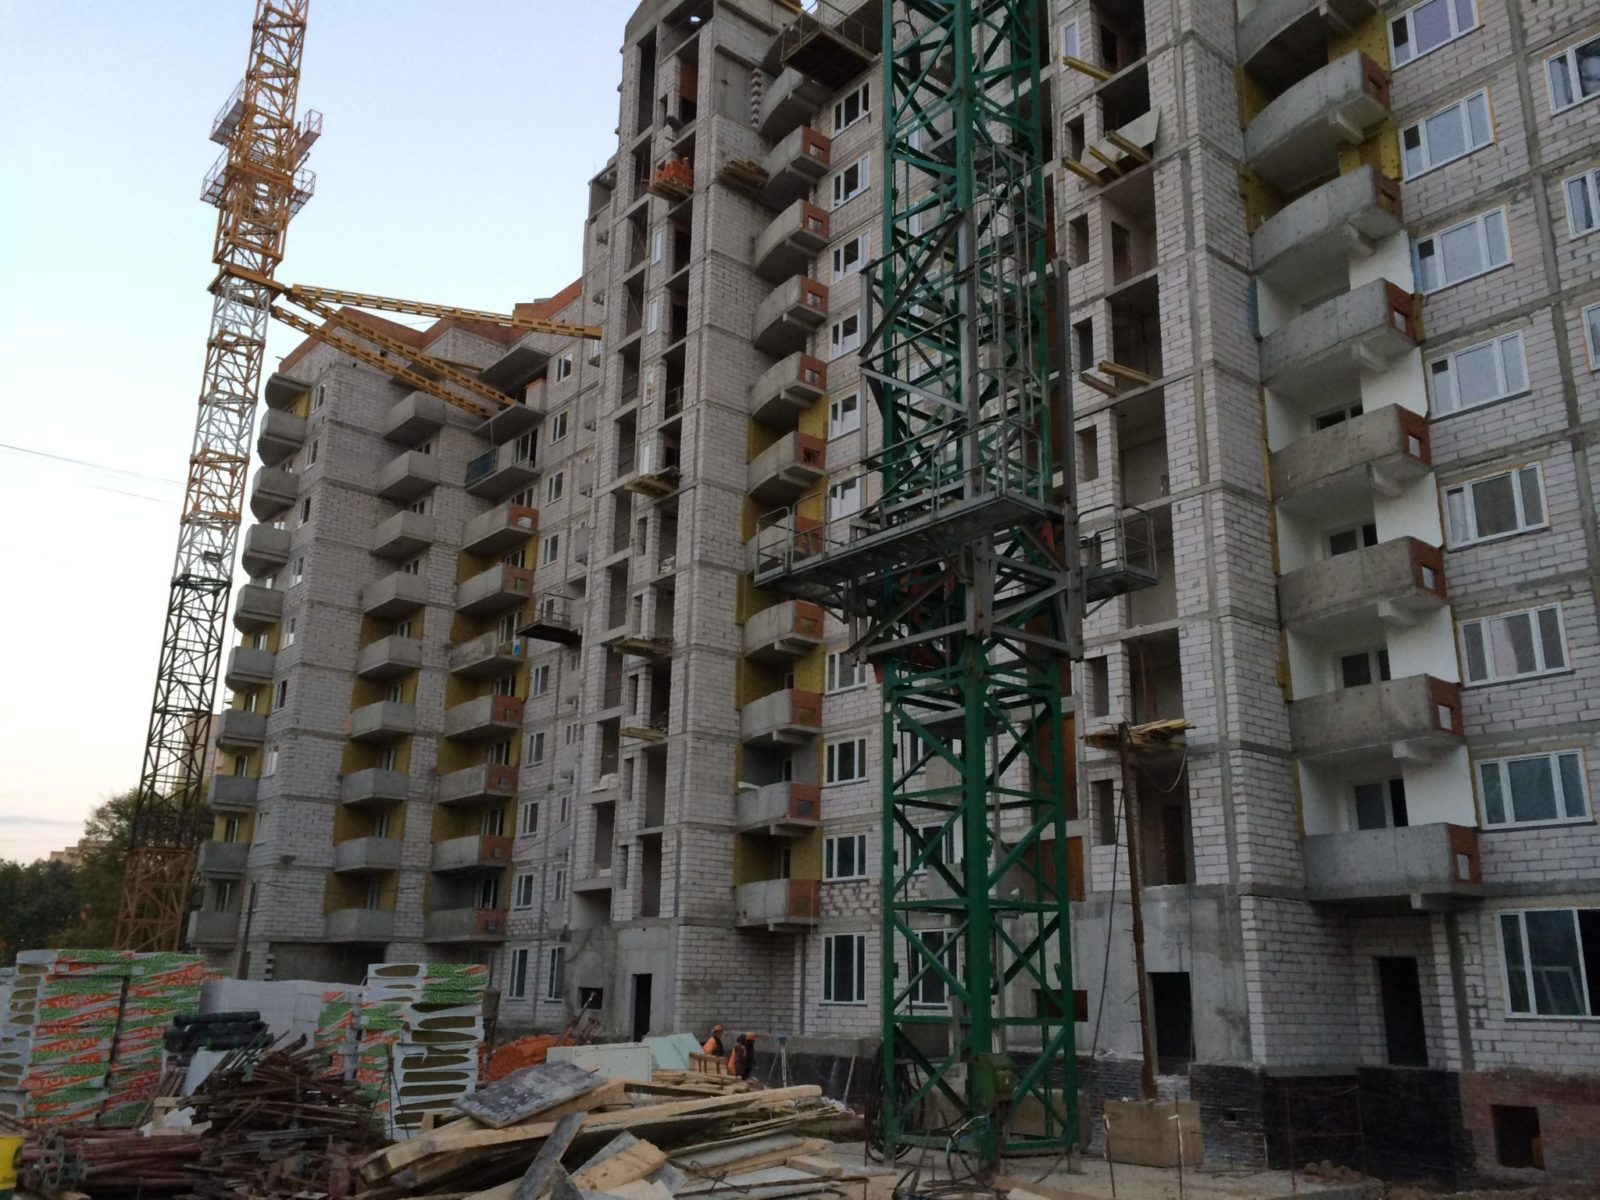 Работа: Монолитное строительство Москва: 52 вакансии Требуются строители на монолитные работы